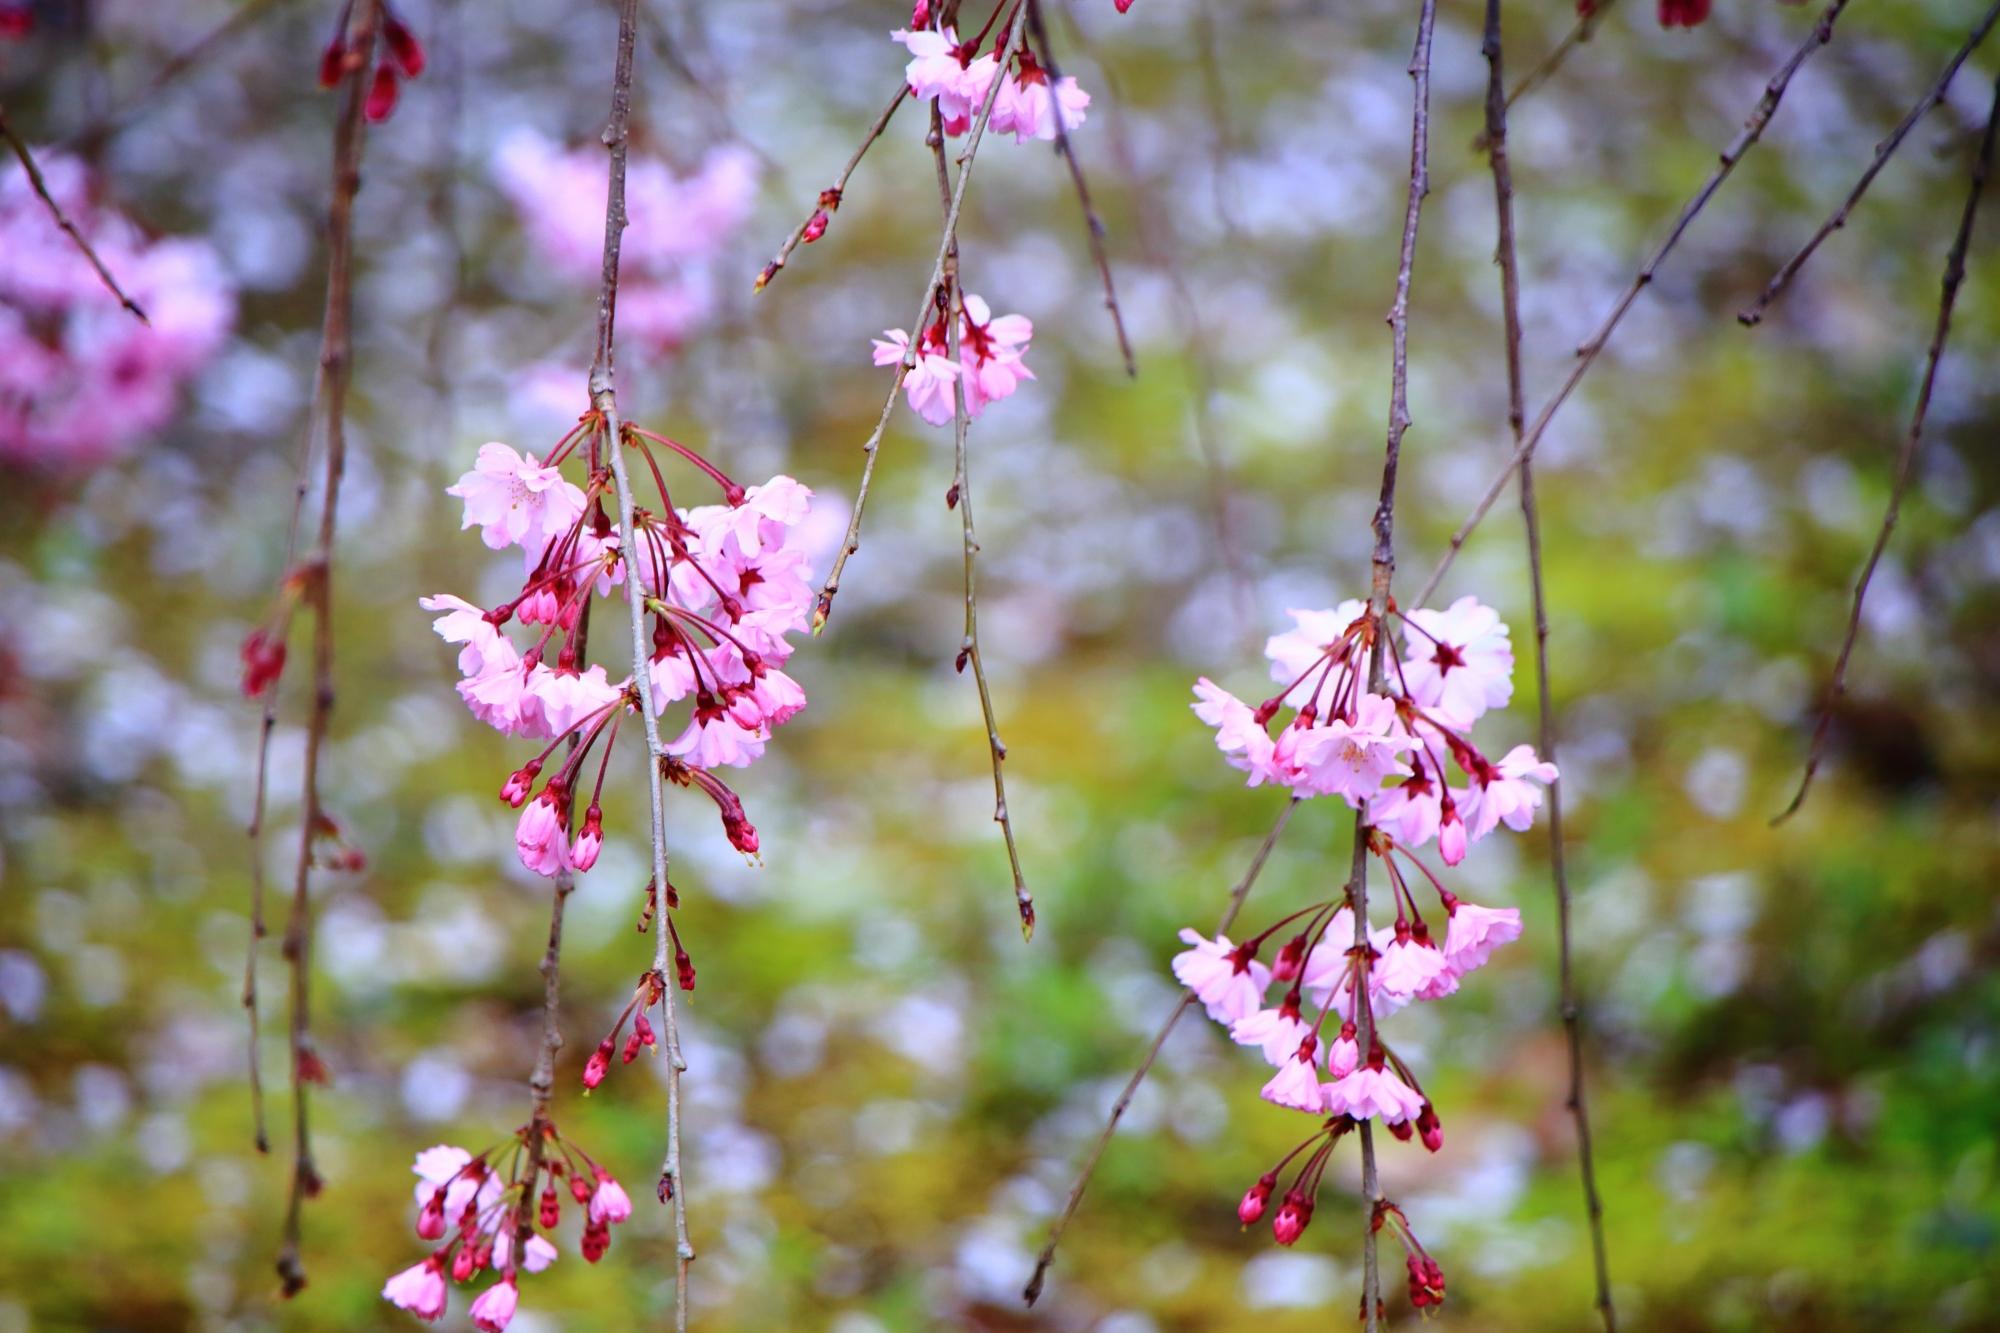 華やかな散り桜を背景にした上品なしだれ桜